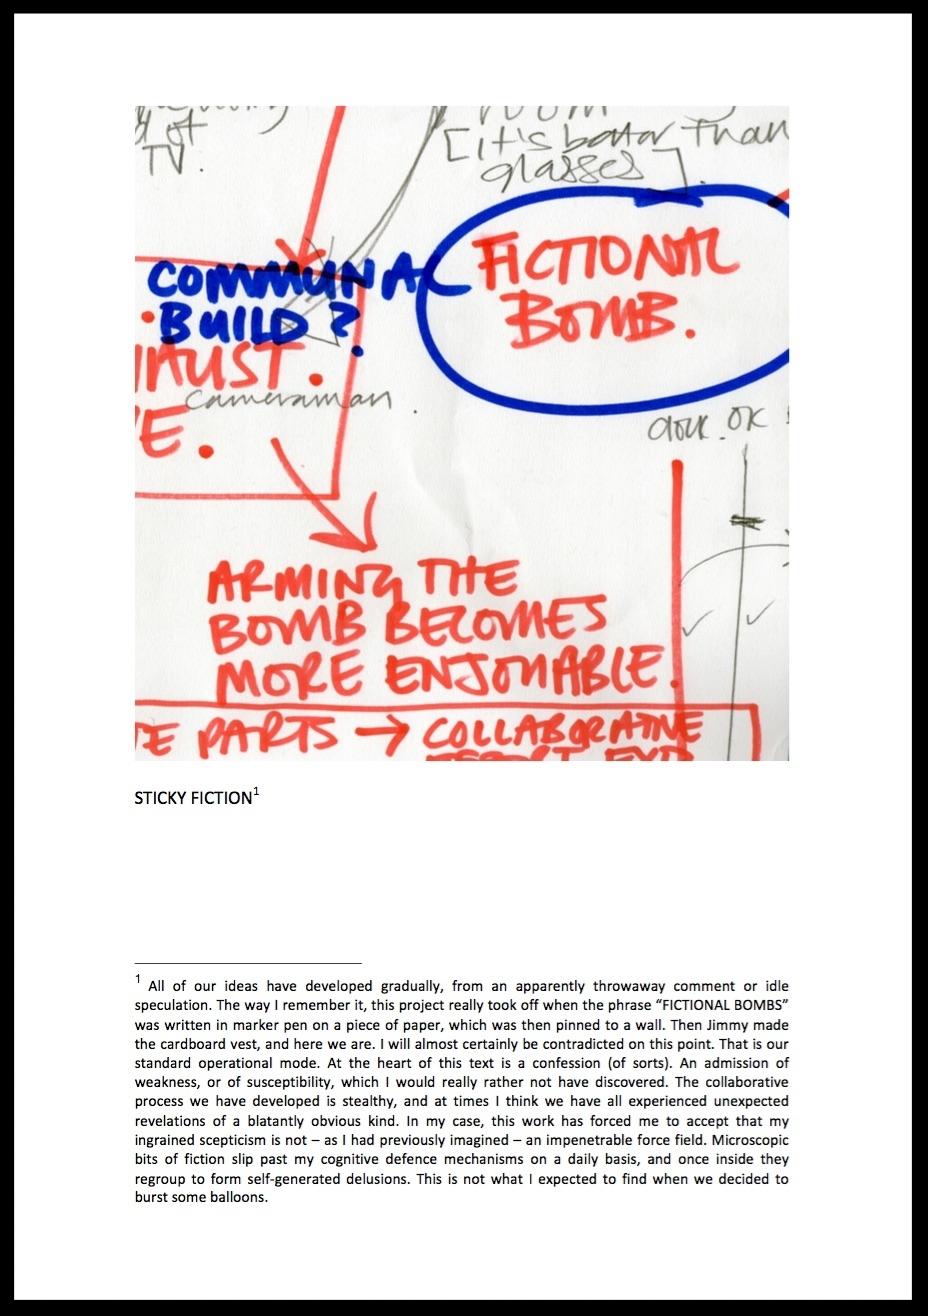 Sticky_Fiction_page_1.jpg